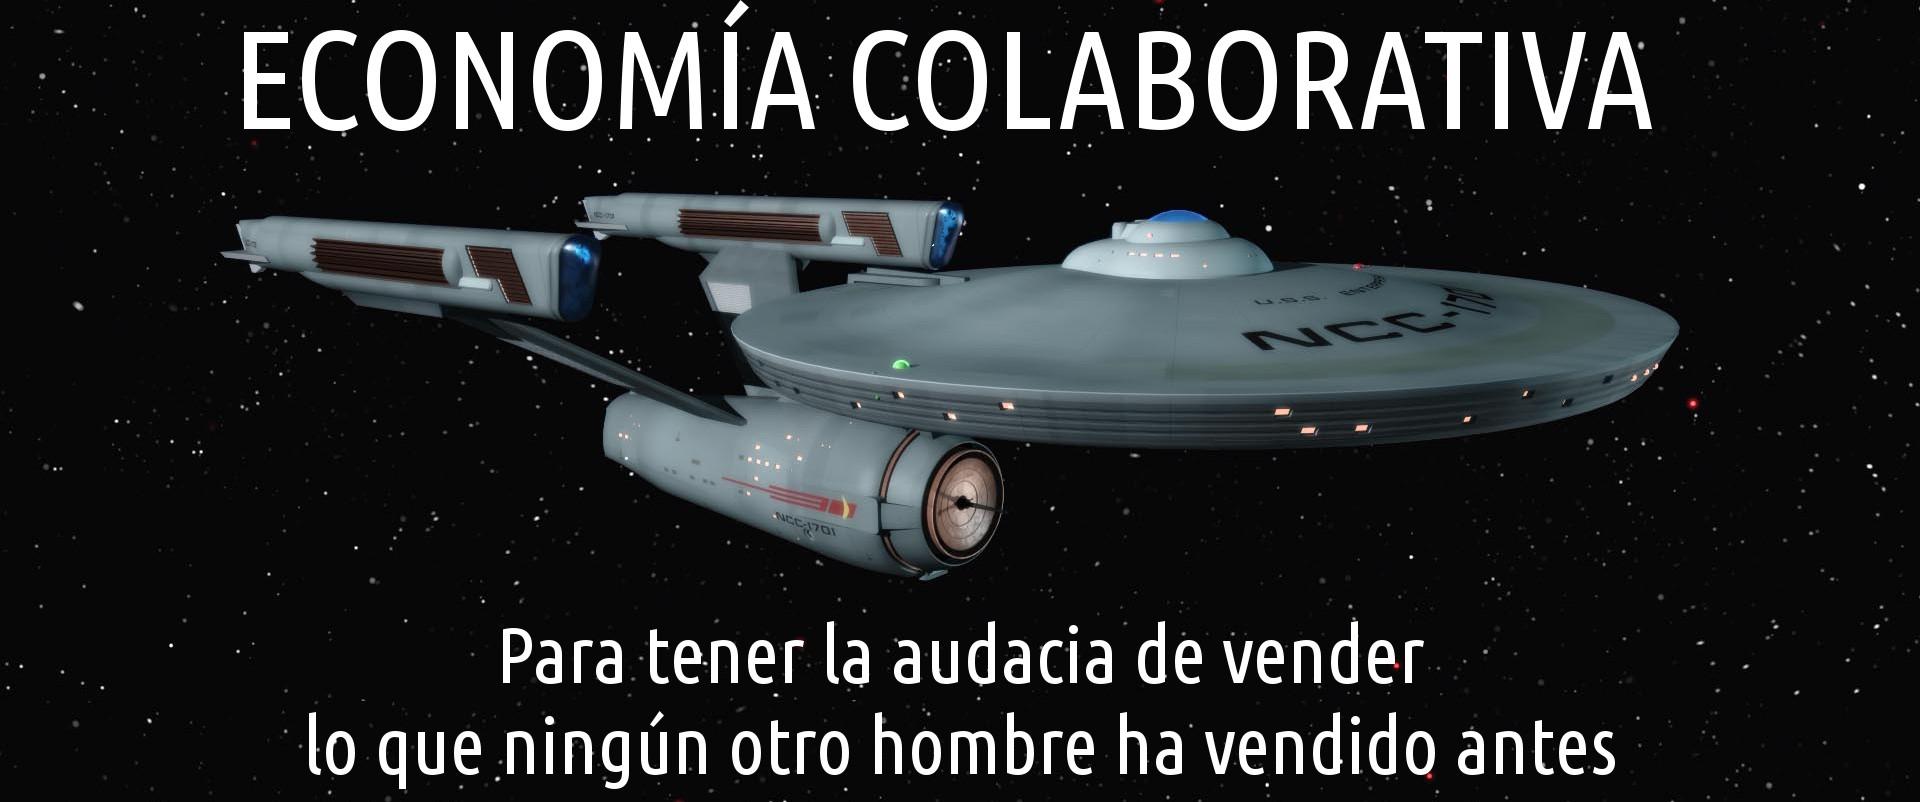 enterprise-economia-colaborativa-meme